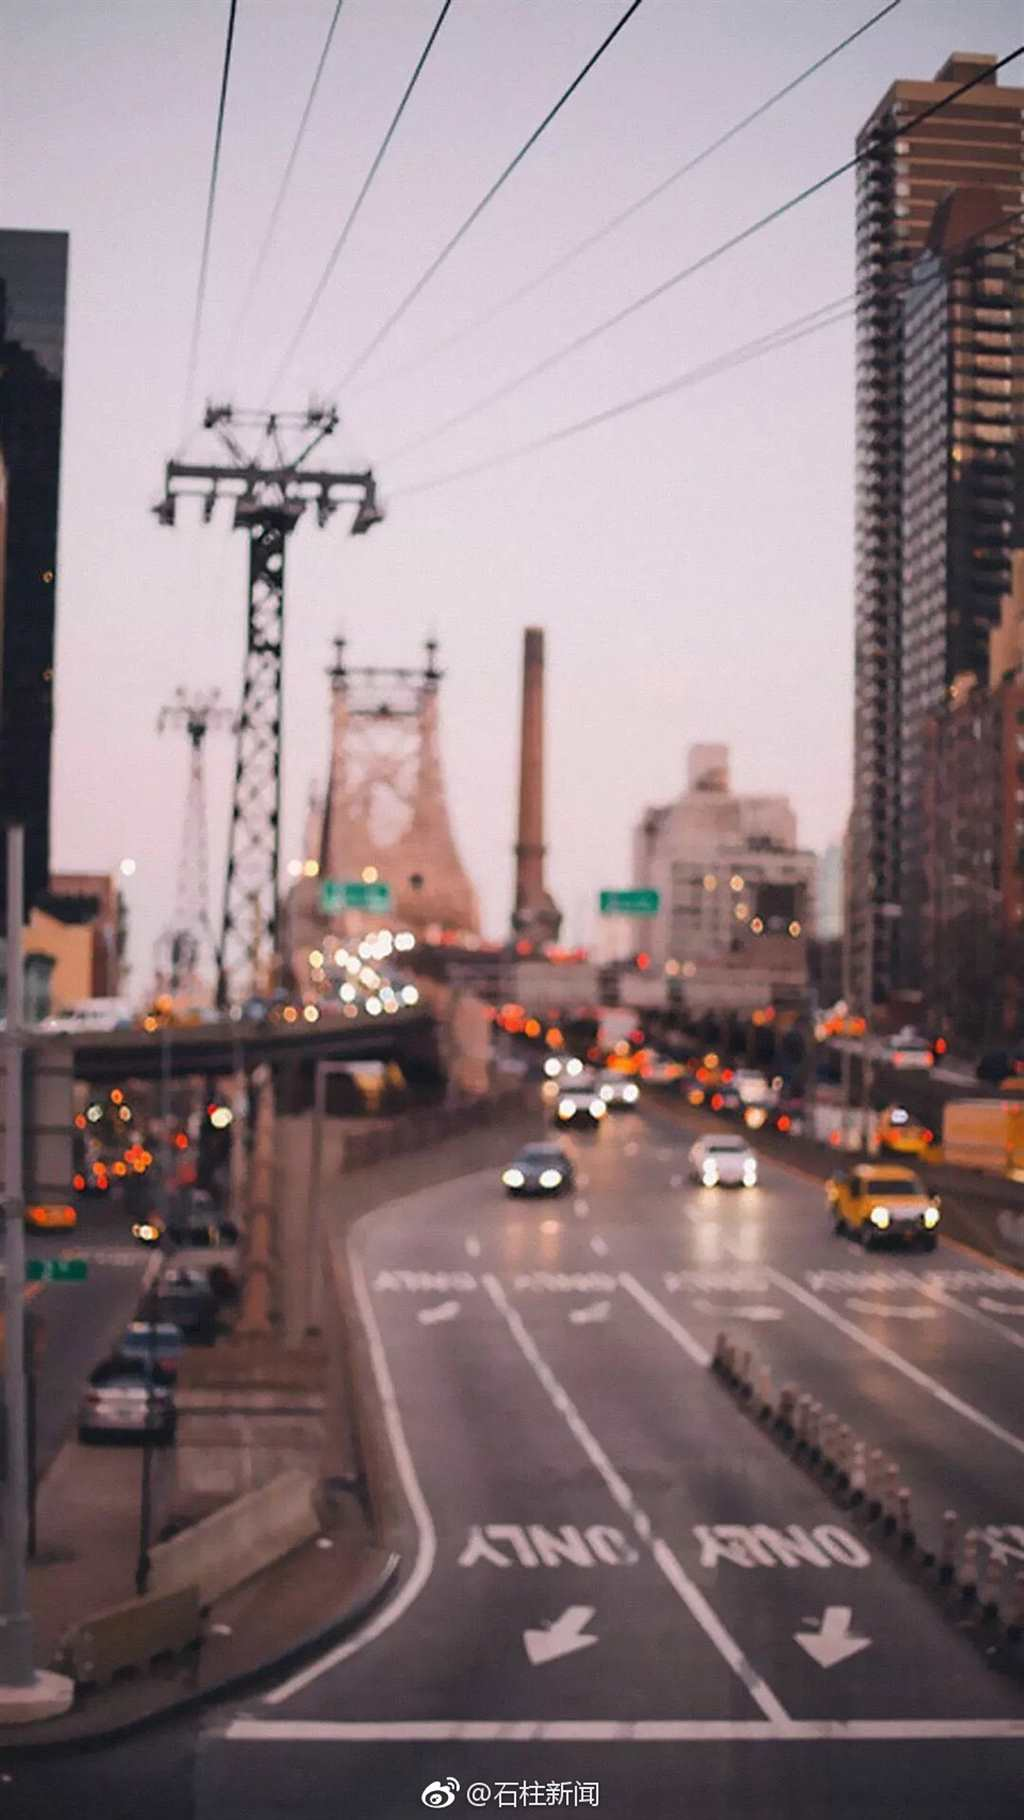 总在盼望,总在失望,俗的无味,雅的轻狂#城市#街拍